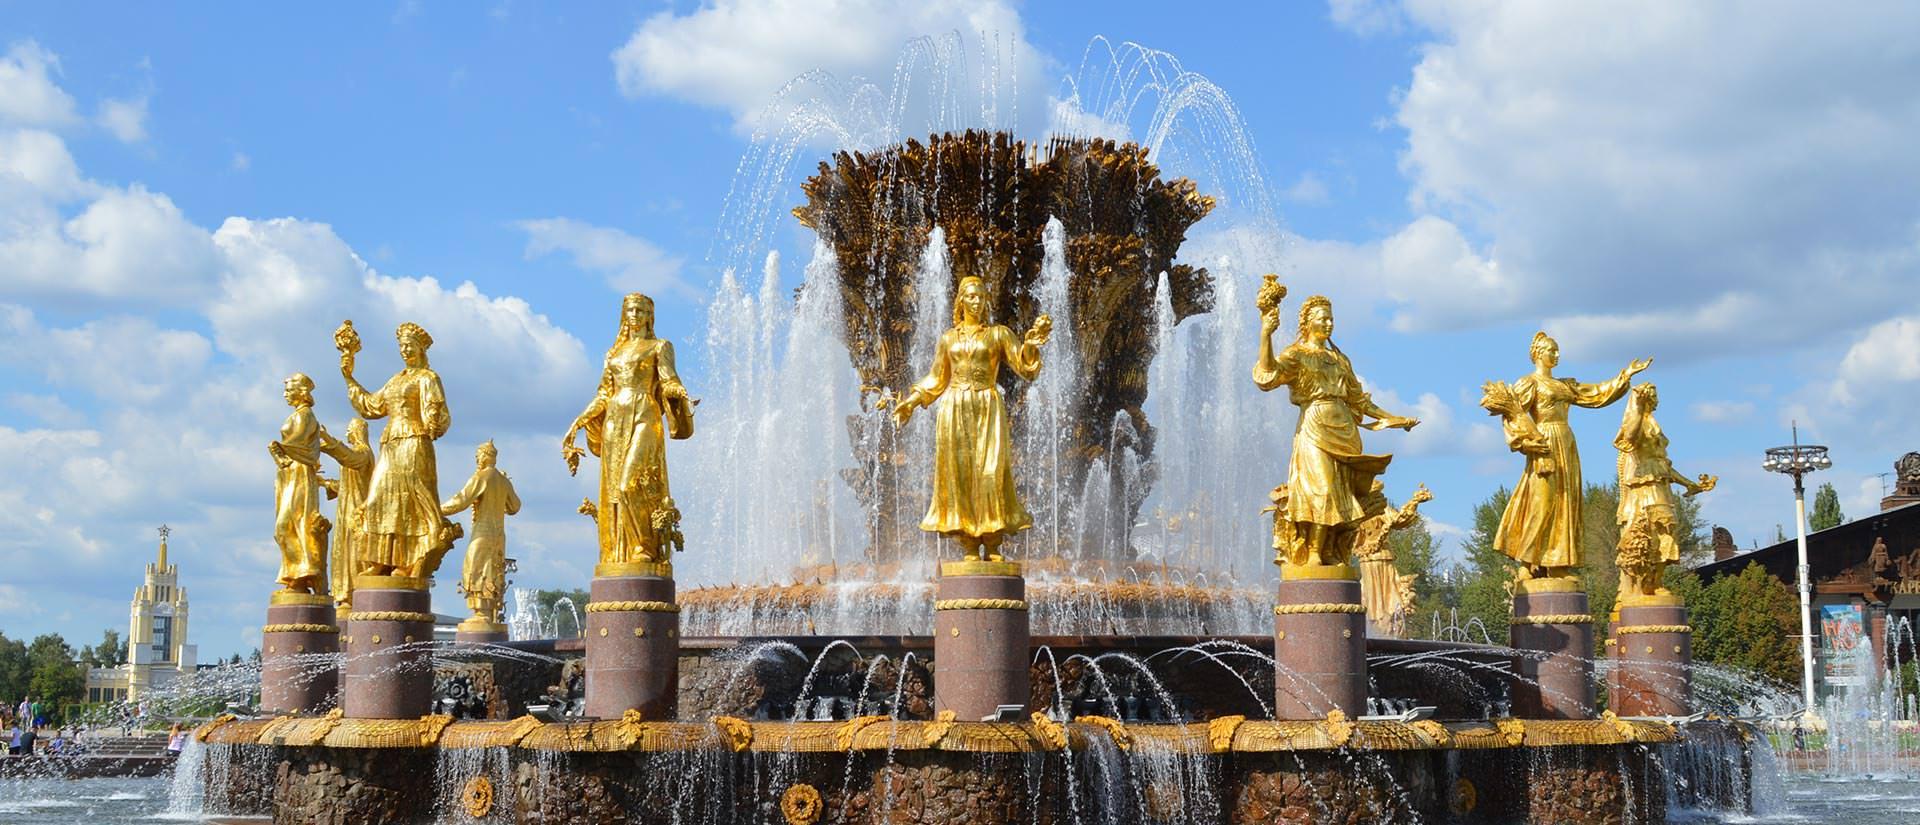 טיול לסנט פטרסבורג - 7 ימים - מרספוטין עד פוטין